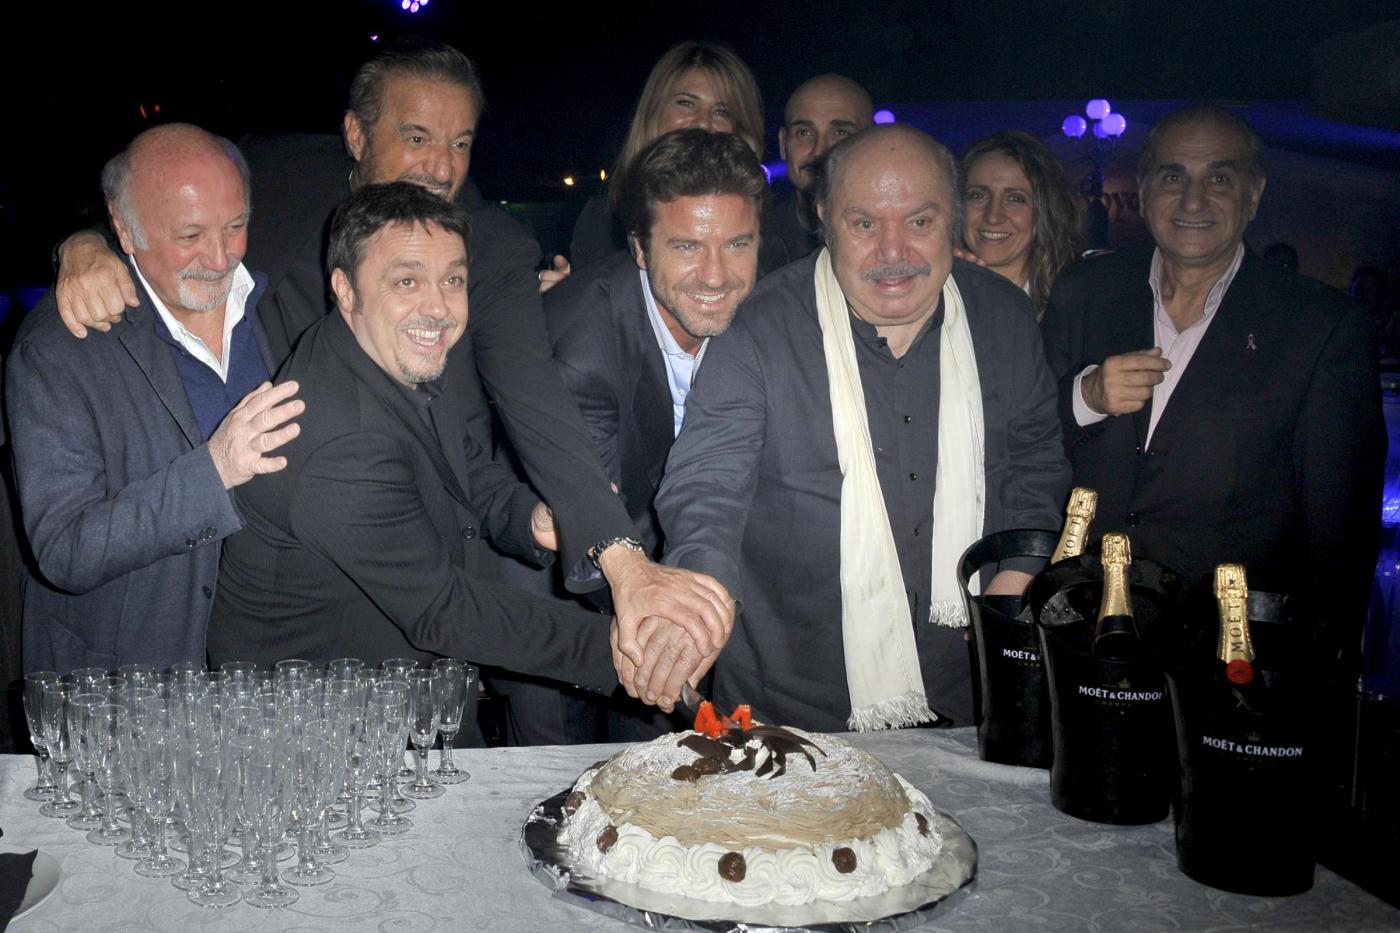 Roma, Compleanno di Paolo Conticini all'Art Cafè di Villa borghese02